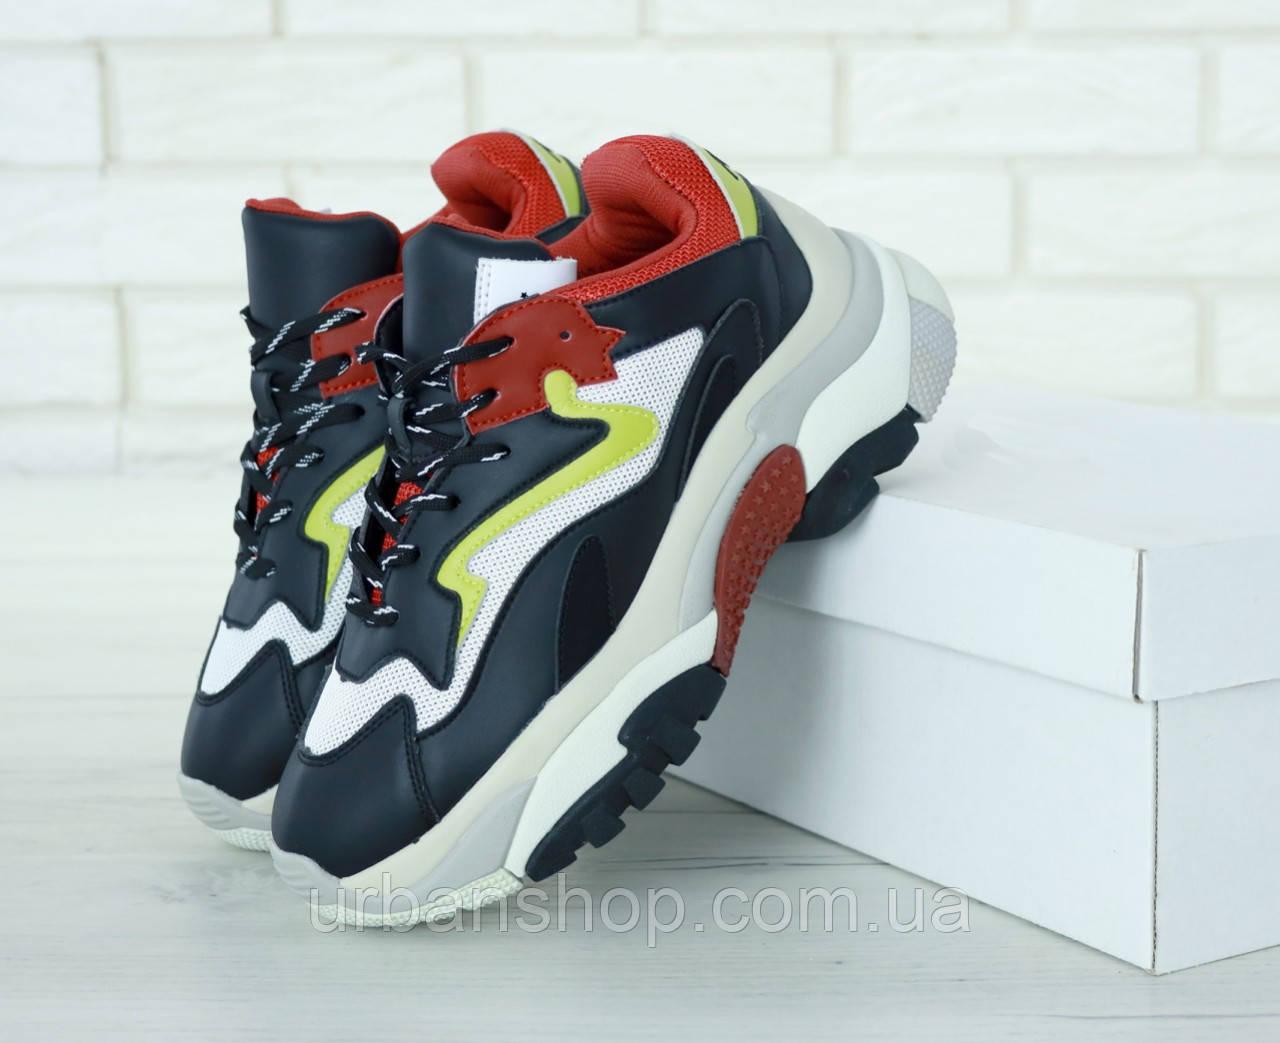 Жіночі кросівки Ash Addict Sneakers . ТОП Репліка ААА класу.